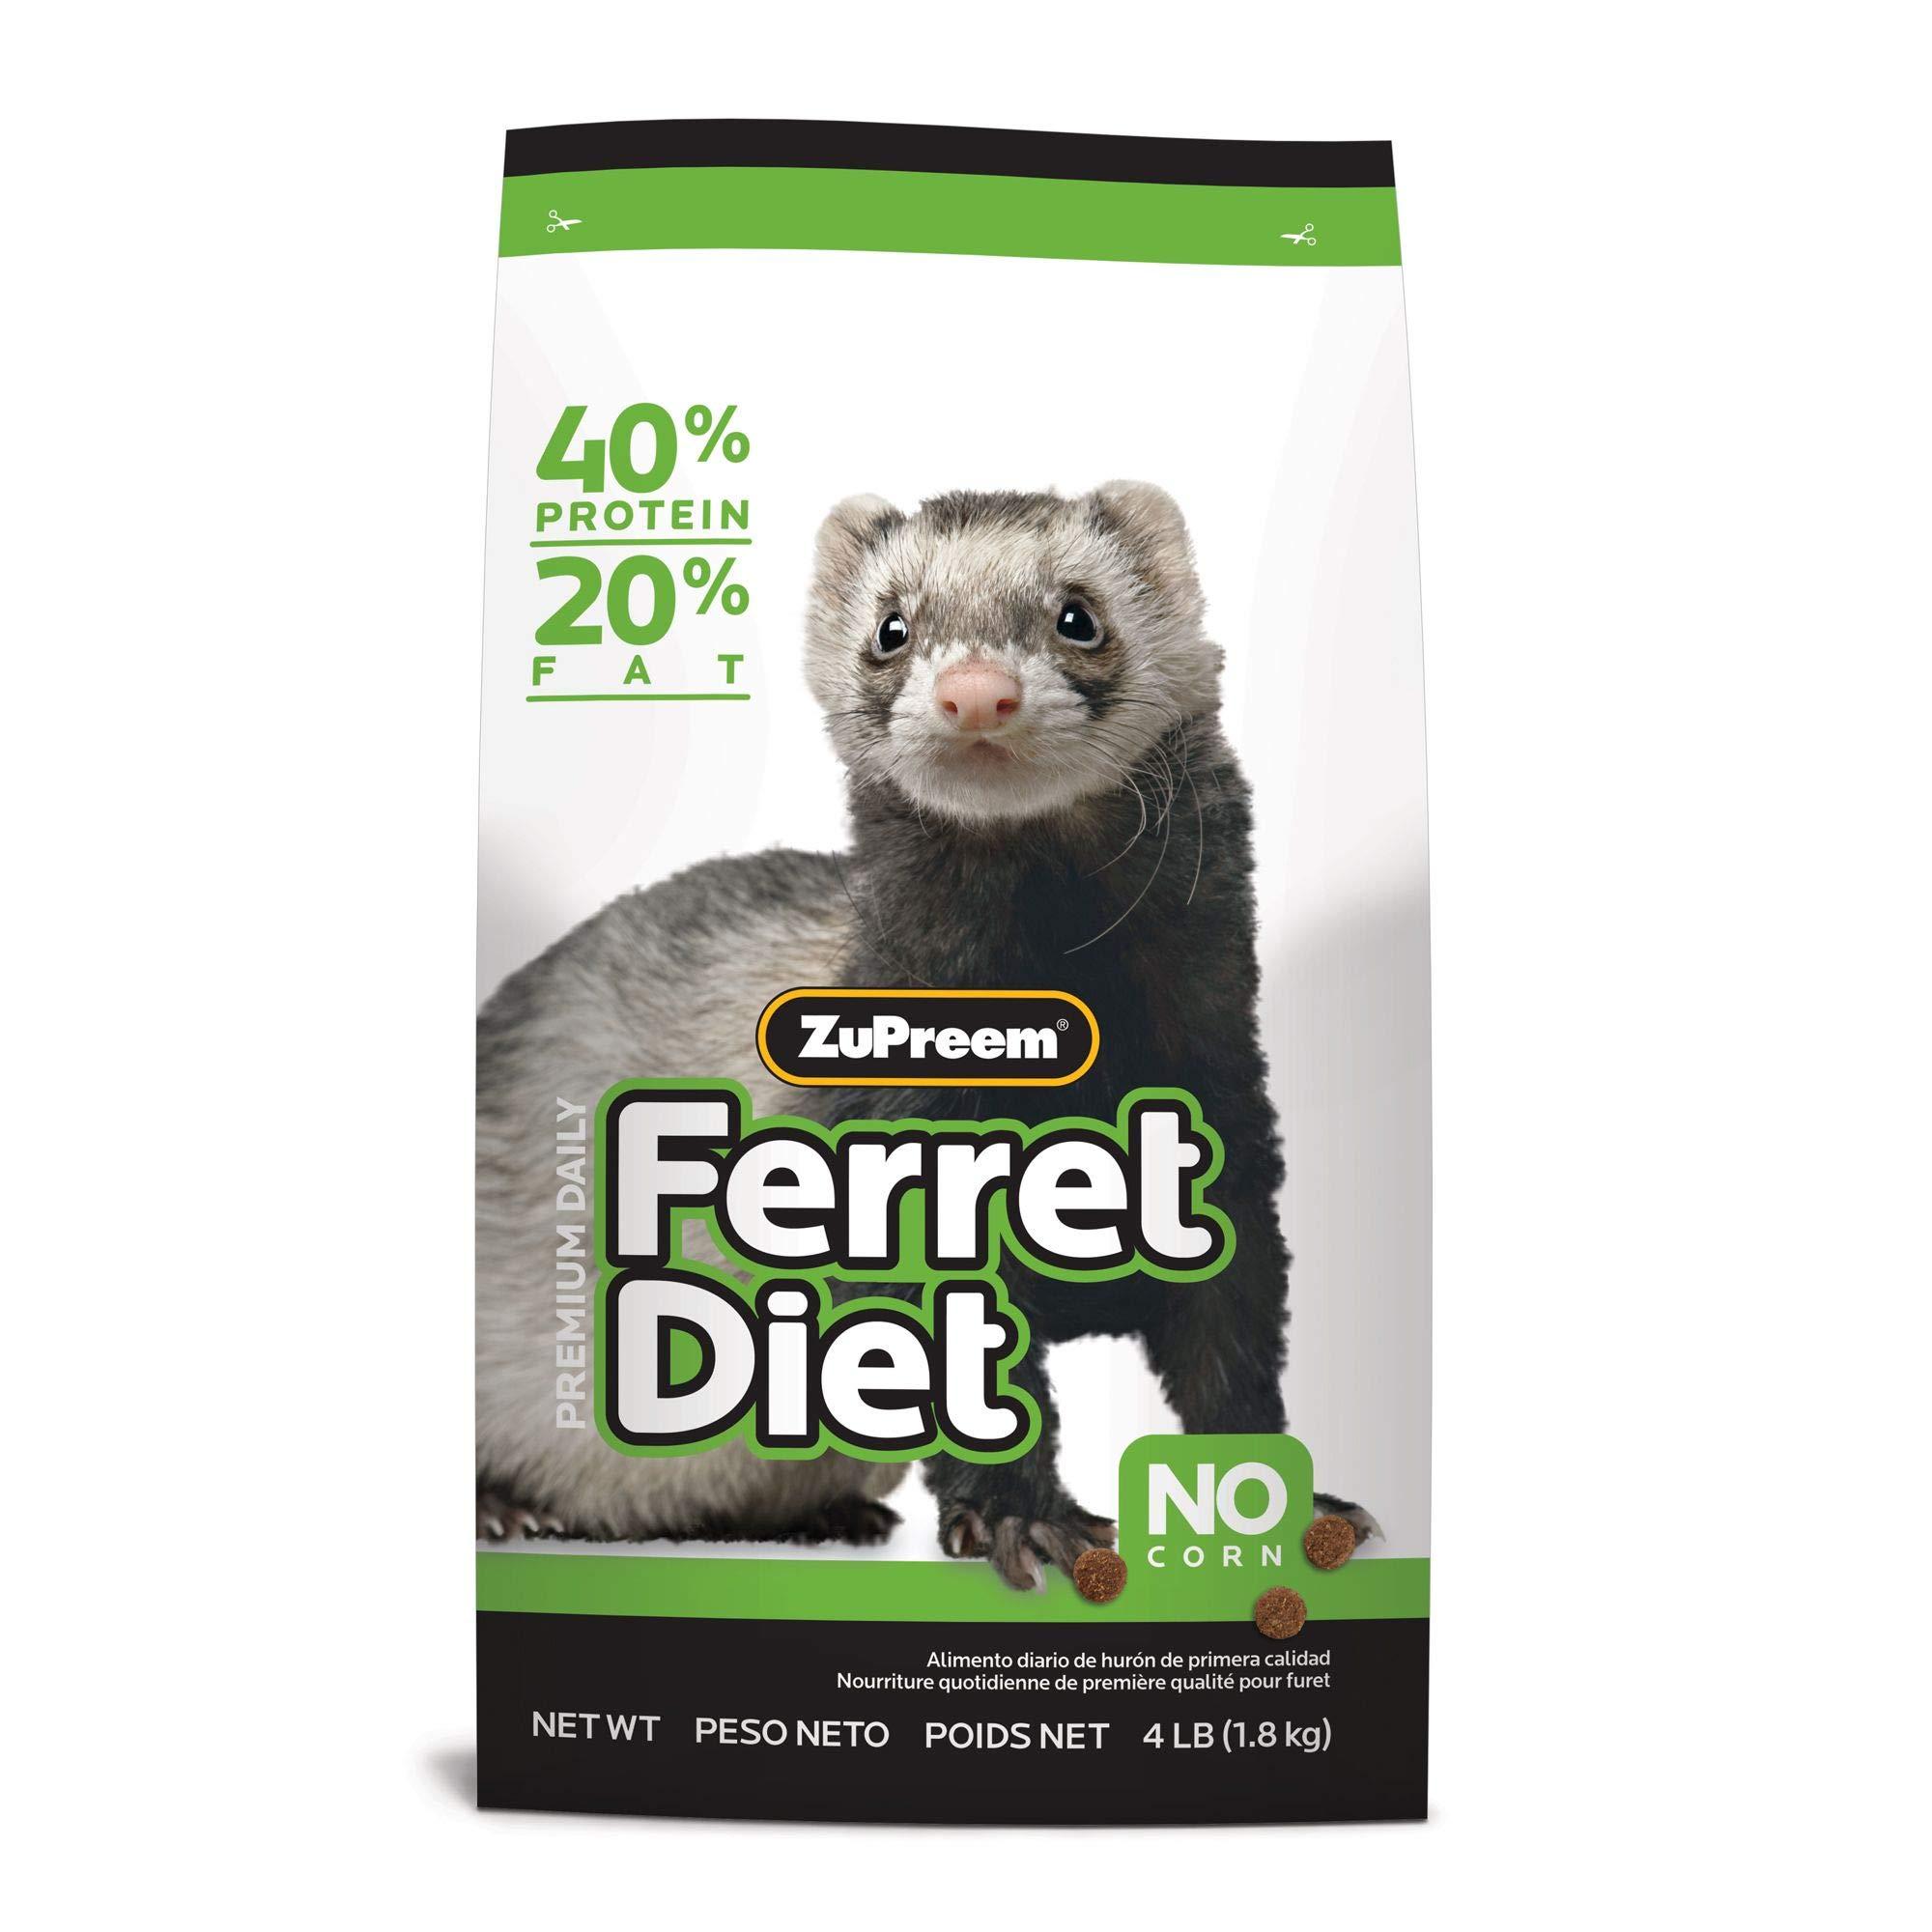 ZuPreem Premium Ferret Diet 2 Pack by ZuPreem